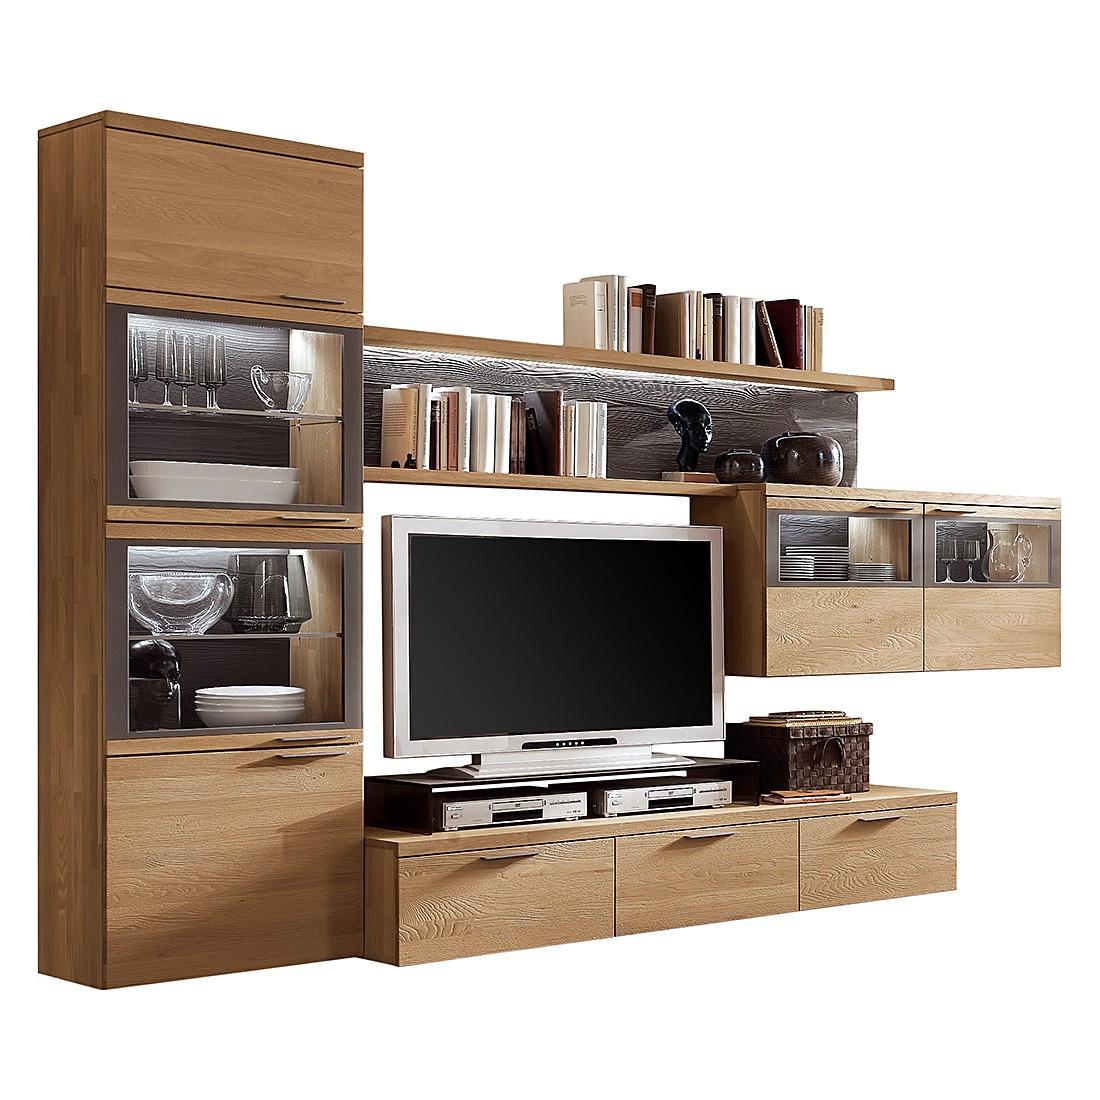 wohnwand pur ii 4 teilig eiche massiv ohne beleuchtung ohne tv aufsatz hartmann m hmv. Black Bedroom Furniture Sets. Home Design Ideas